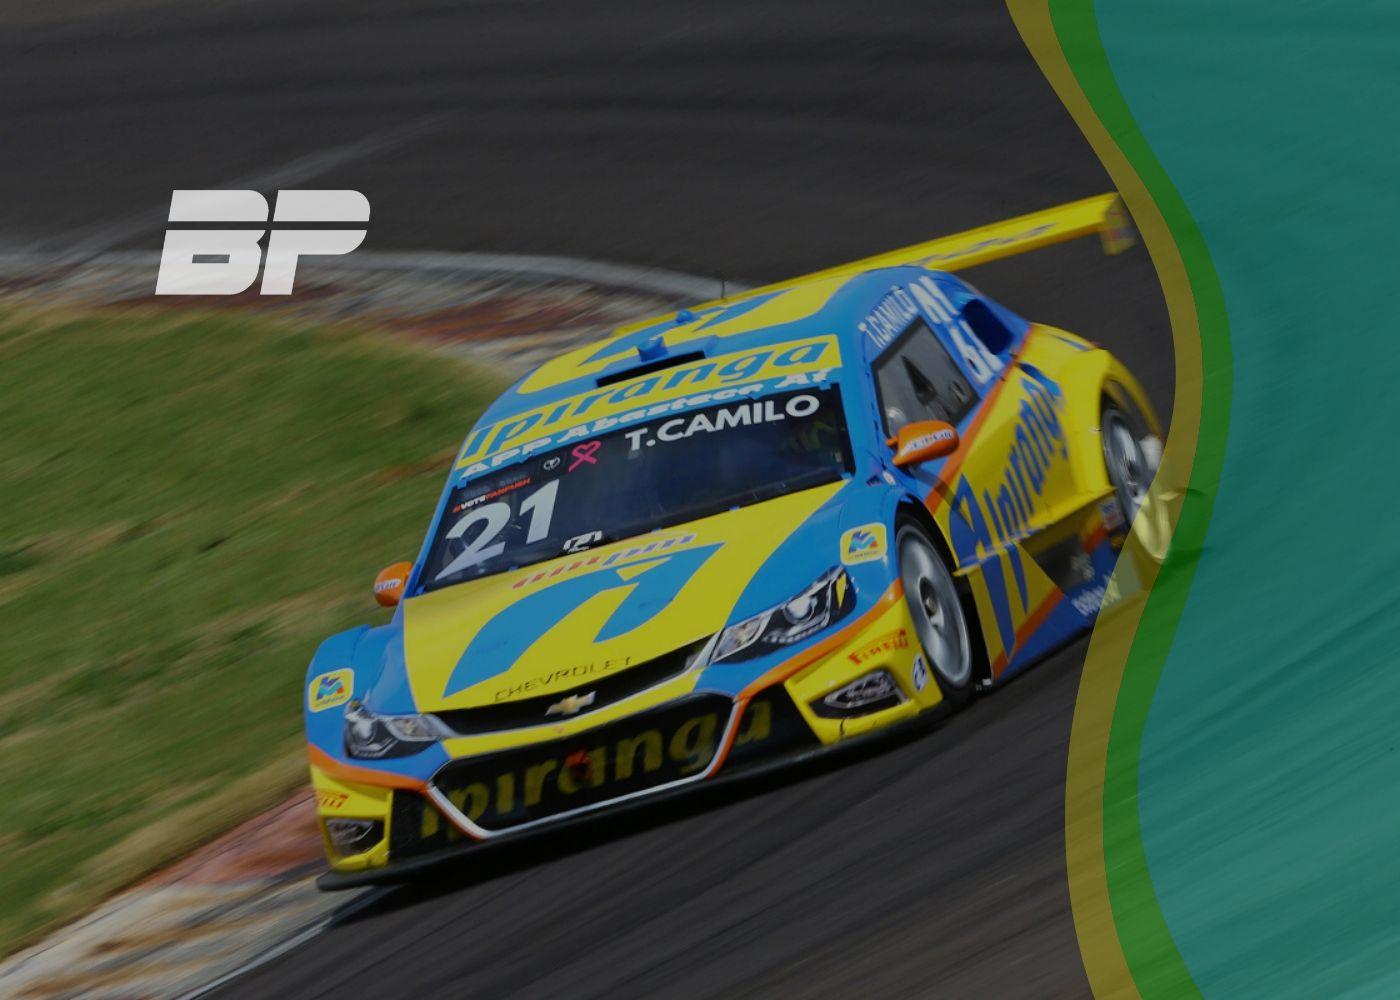 Foto de TL2 Cascavel🐍 – A chuva atrapalhou a sessão mas Thiago Camilo levou o carro para a primeira posição